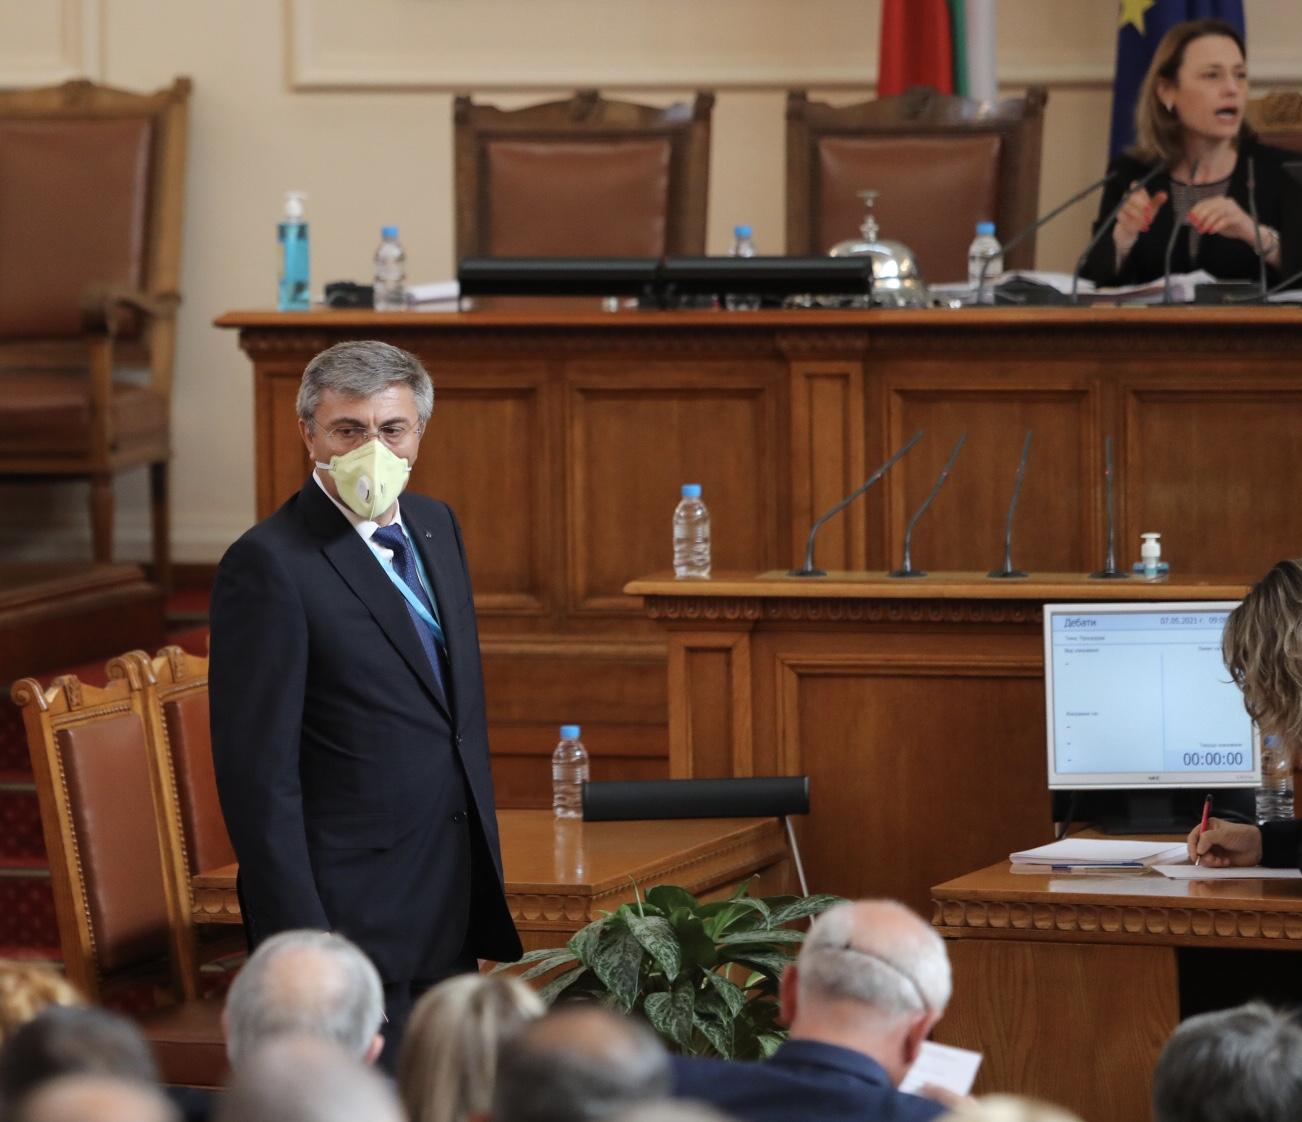 Депутатите решиха да задължат Министерски съвет да се яви в парламента. Предложението направи Георги Свиленски от БСП.